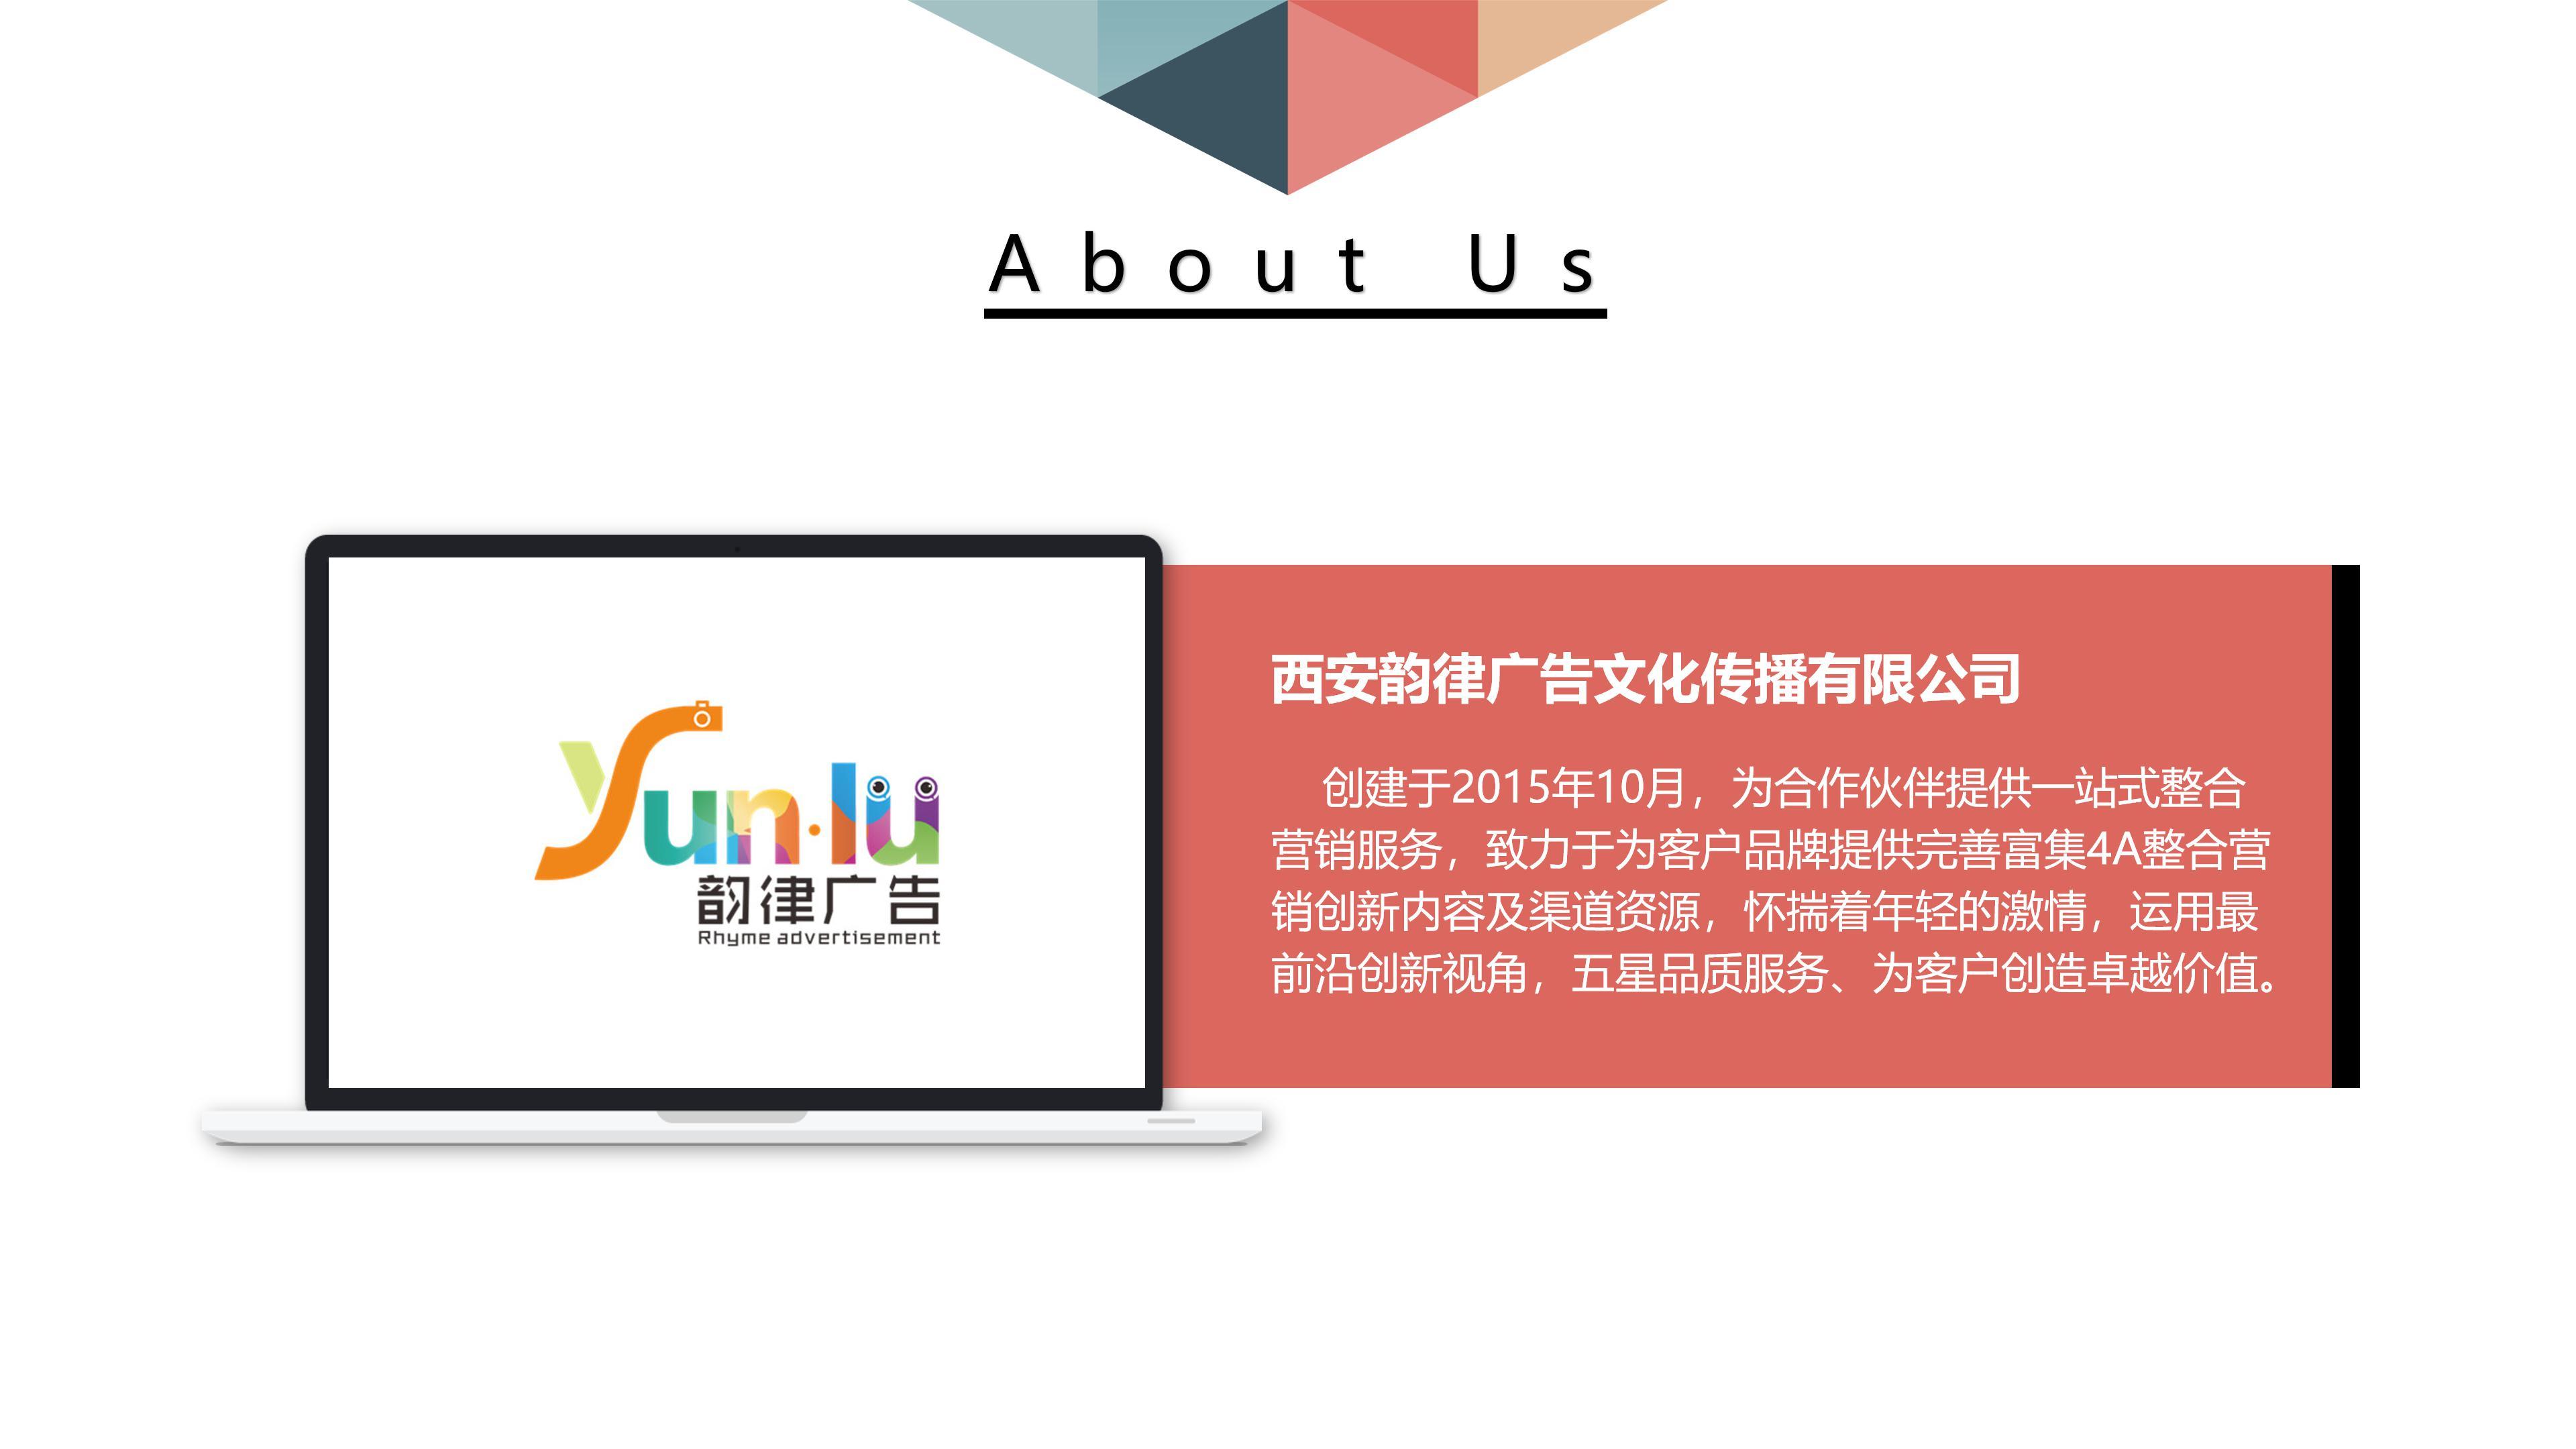 臺南新動向廣告文化傳播有限公司引見NEW_05